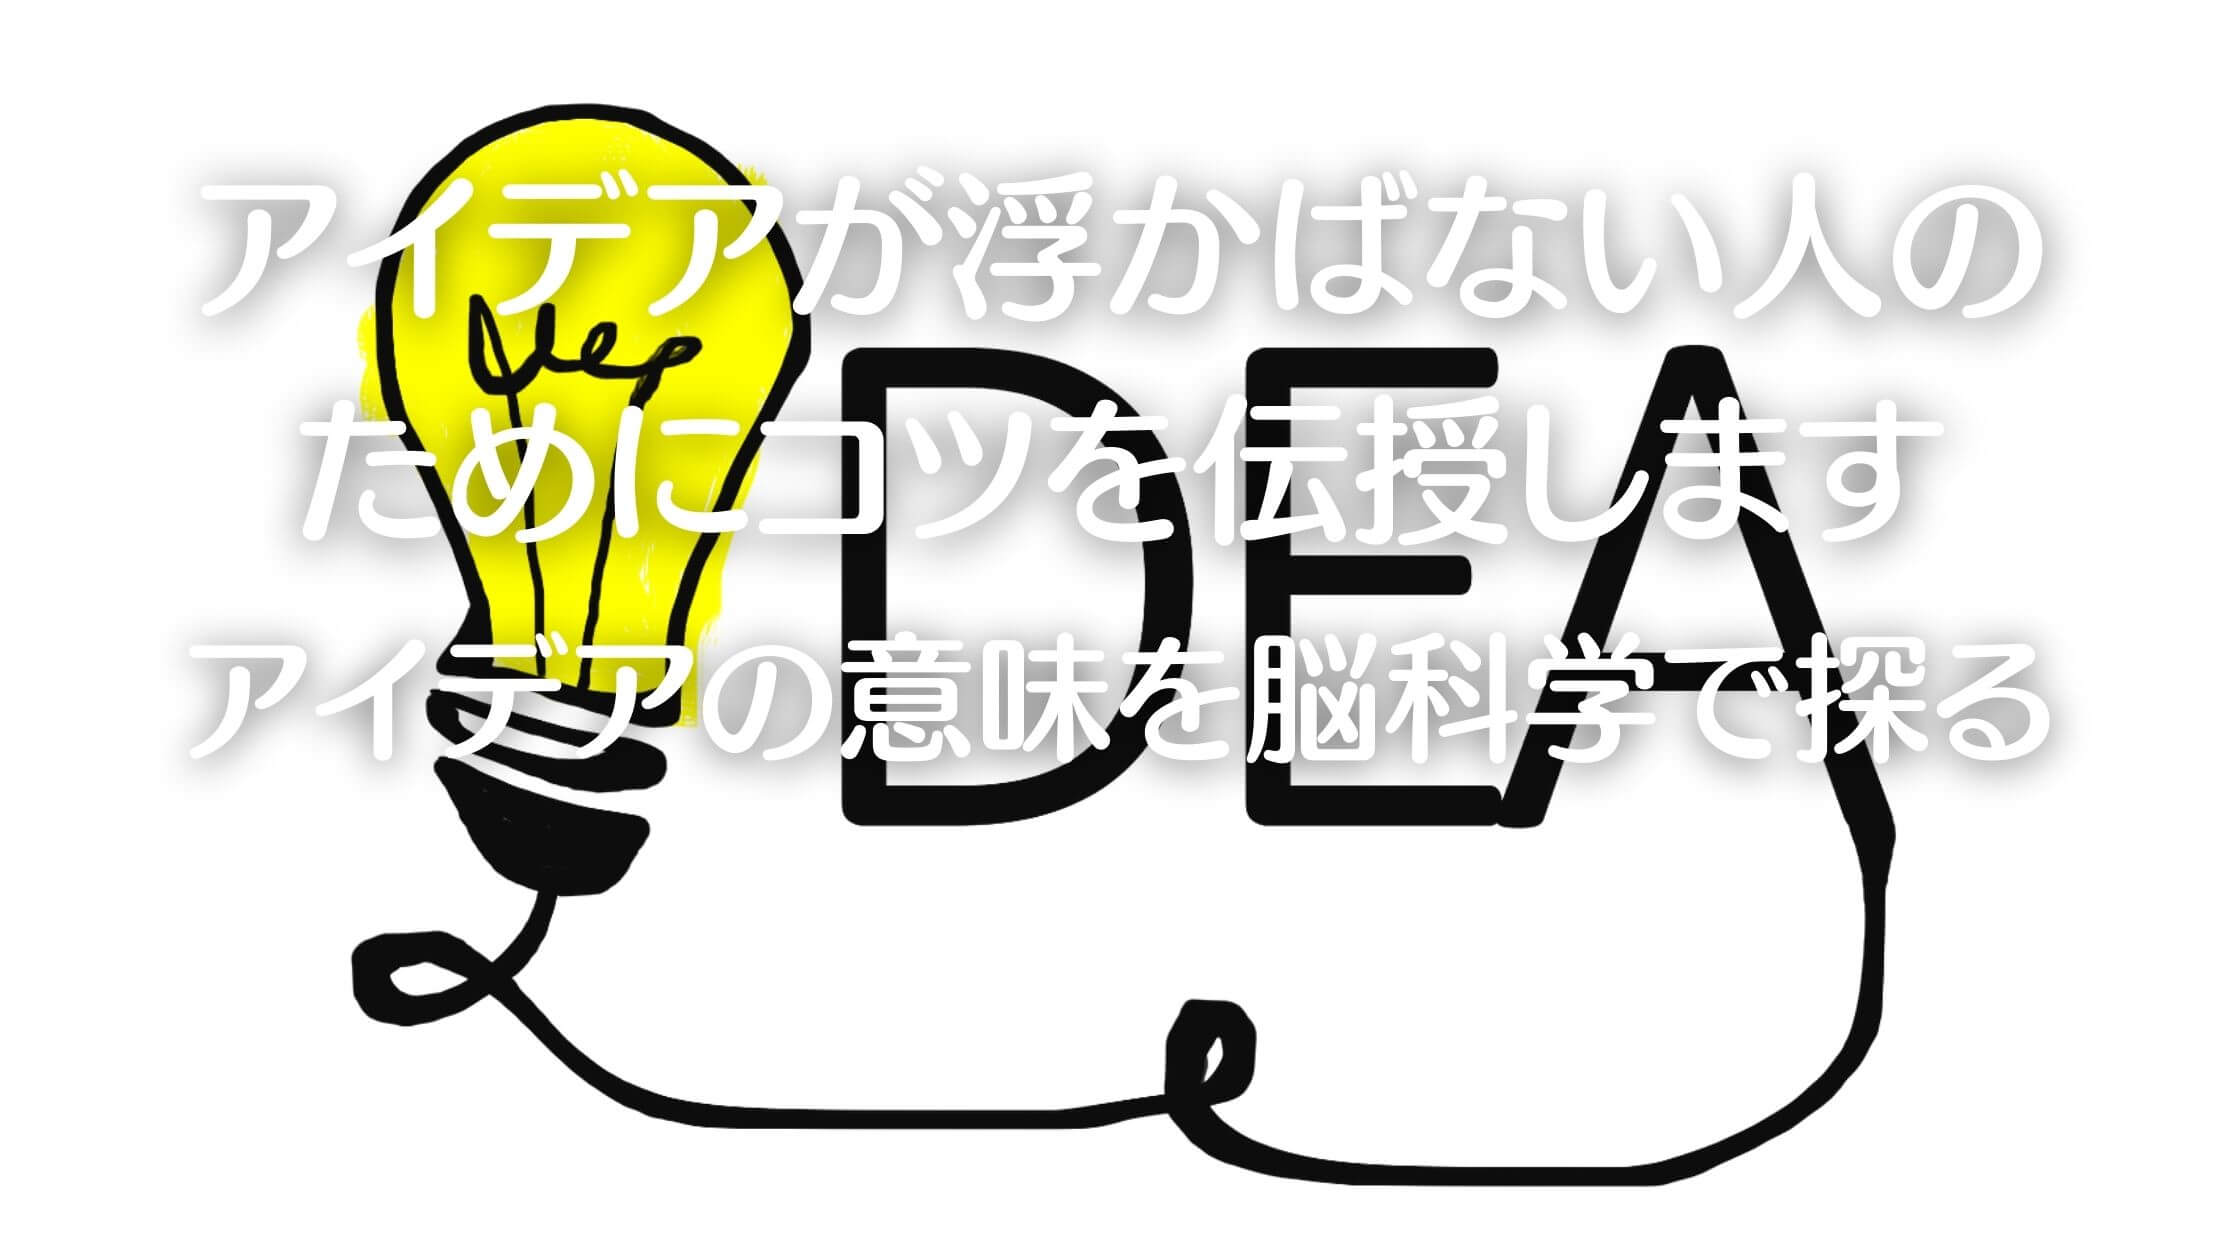 アイデア-A1